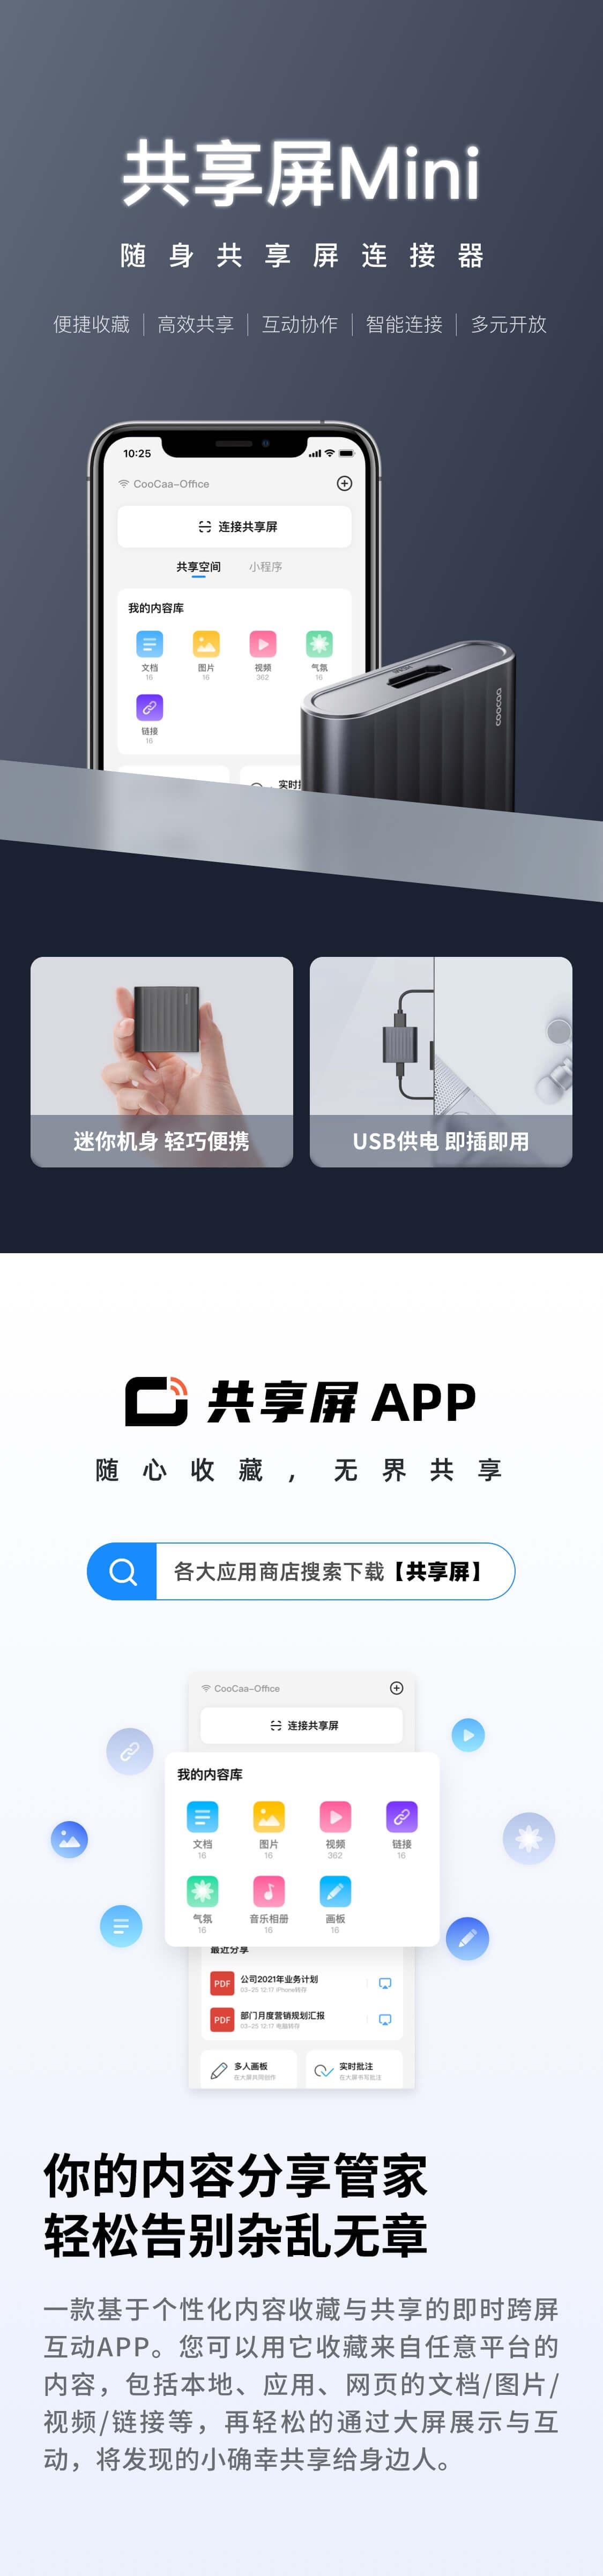 共享屏mini免费试用,评测